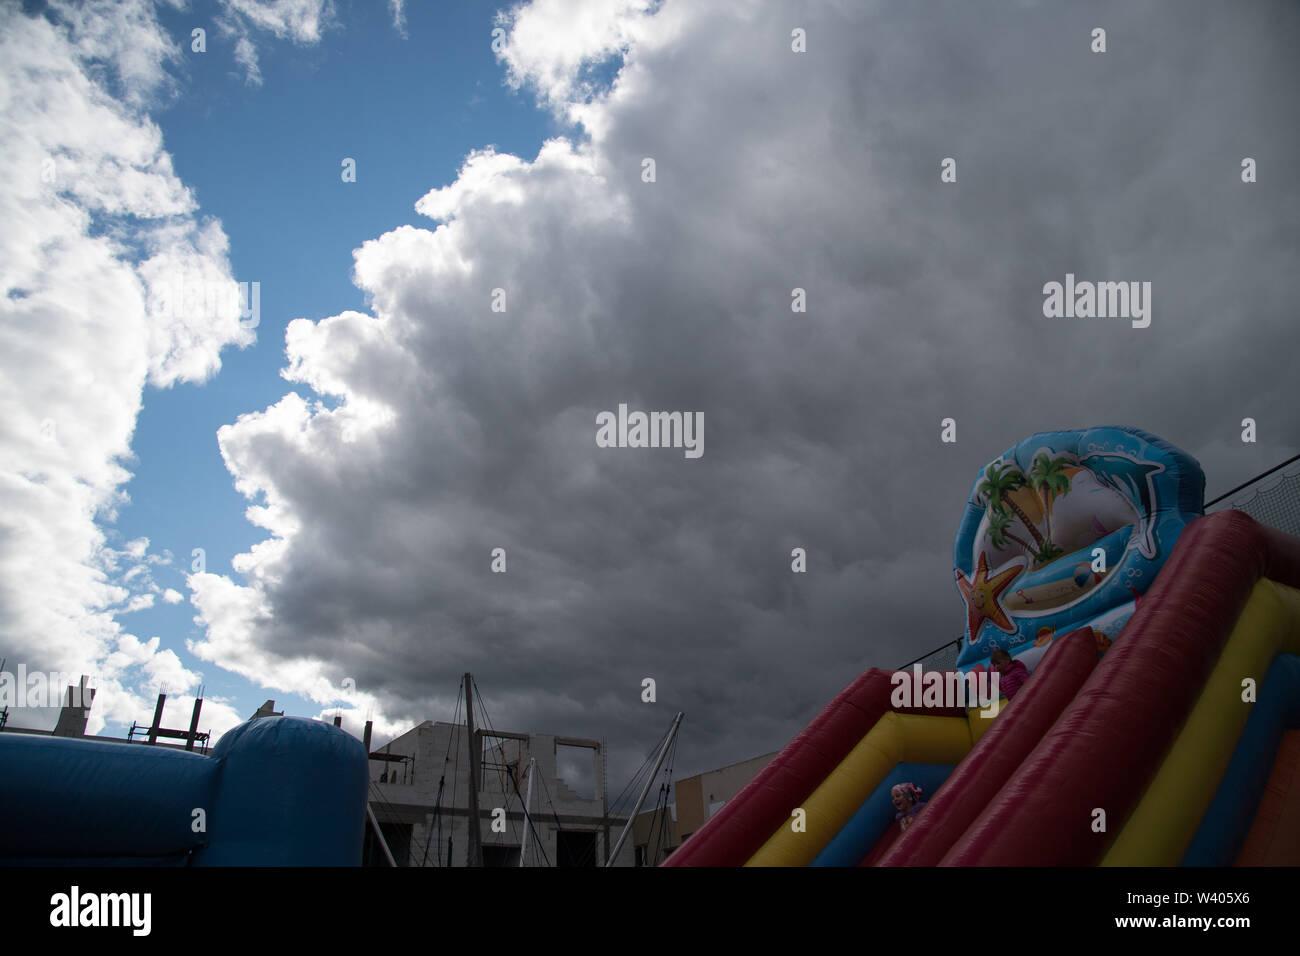 Clouds in Gdansk, Poland. July 7th 2019 © Wojciech Strozyk / Alamy Stock Photo - Stock Image